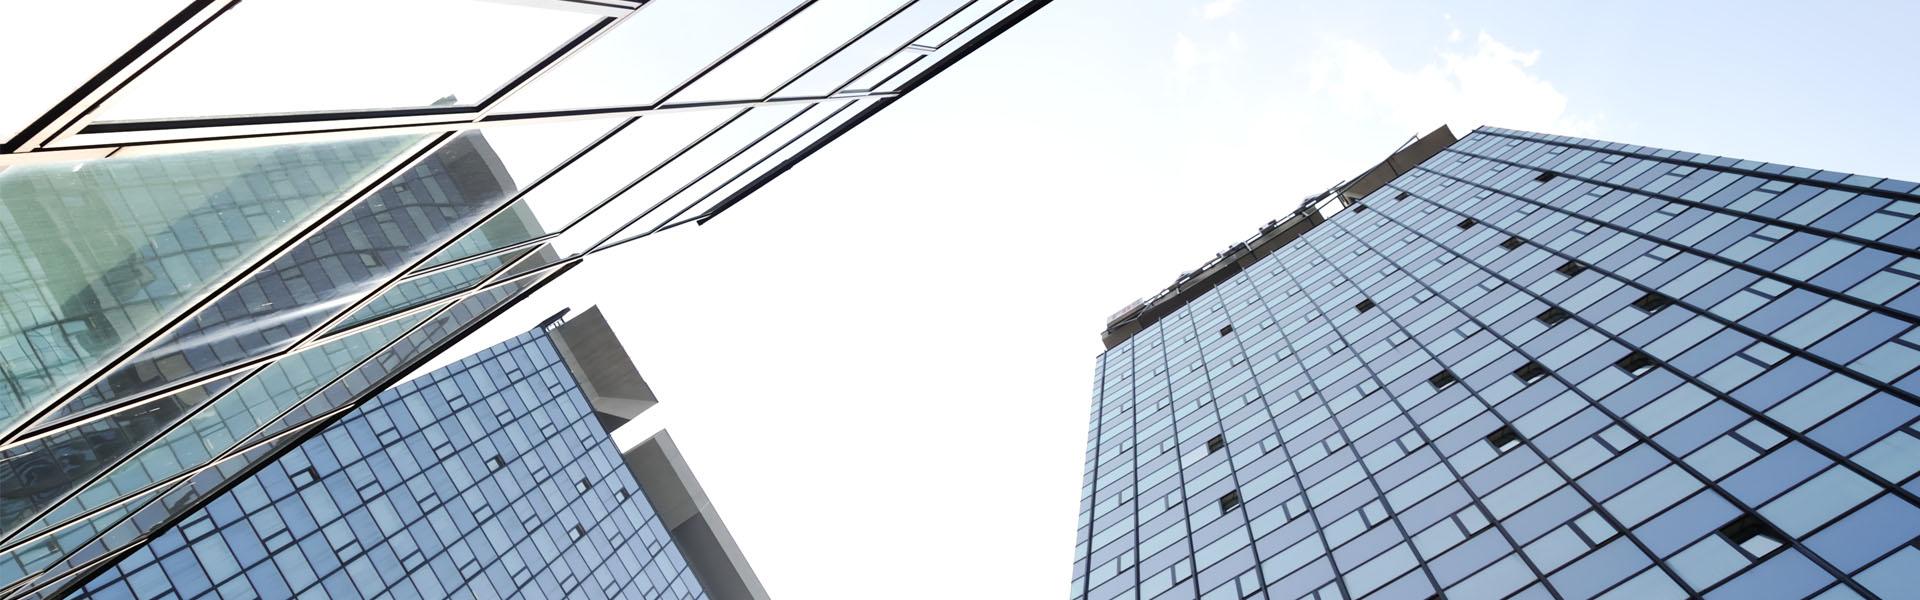 珠海展辰新材料股份有限公司